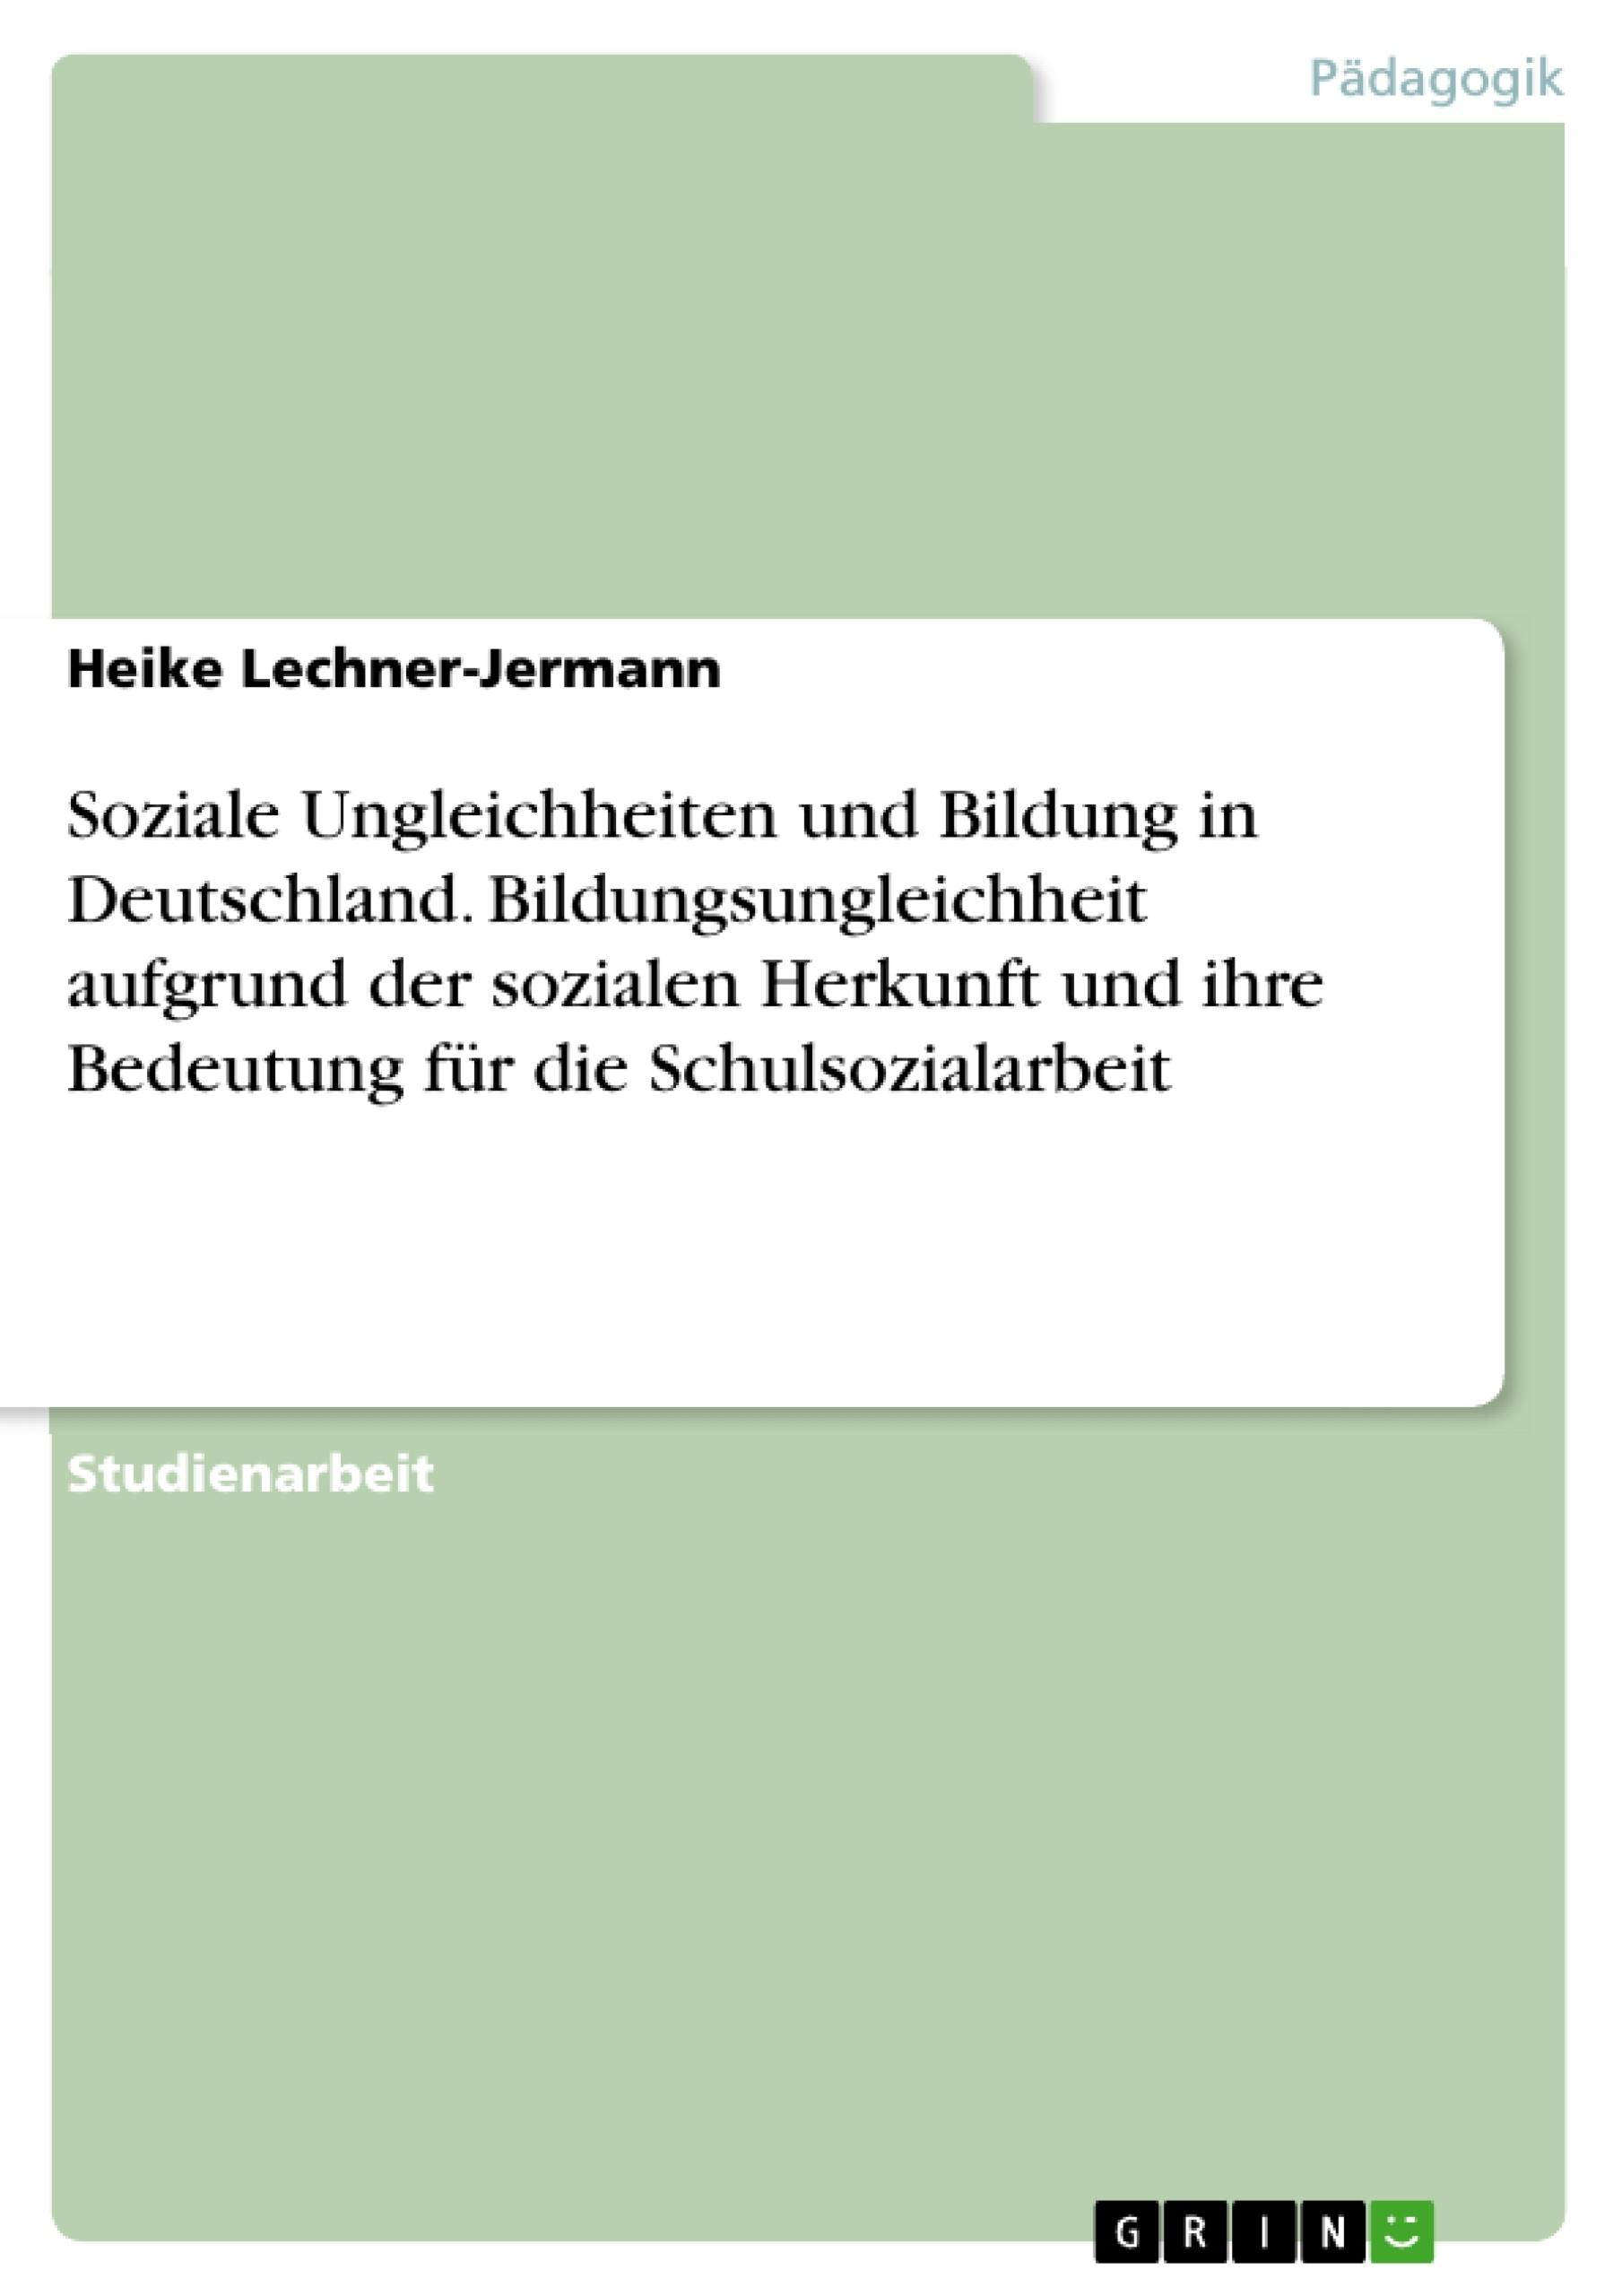 Titel: Soziale Ungleichheiten und Bildung in Deutschland. Bildungsungleichheit aufgrund der sozialen Herkunft und ihre Bedeutung für die Schulsozialarbeit